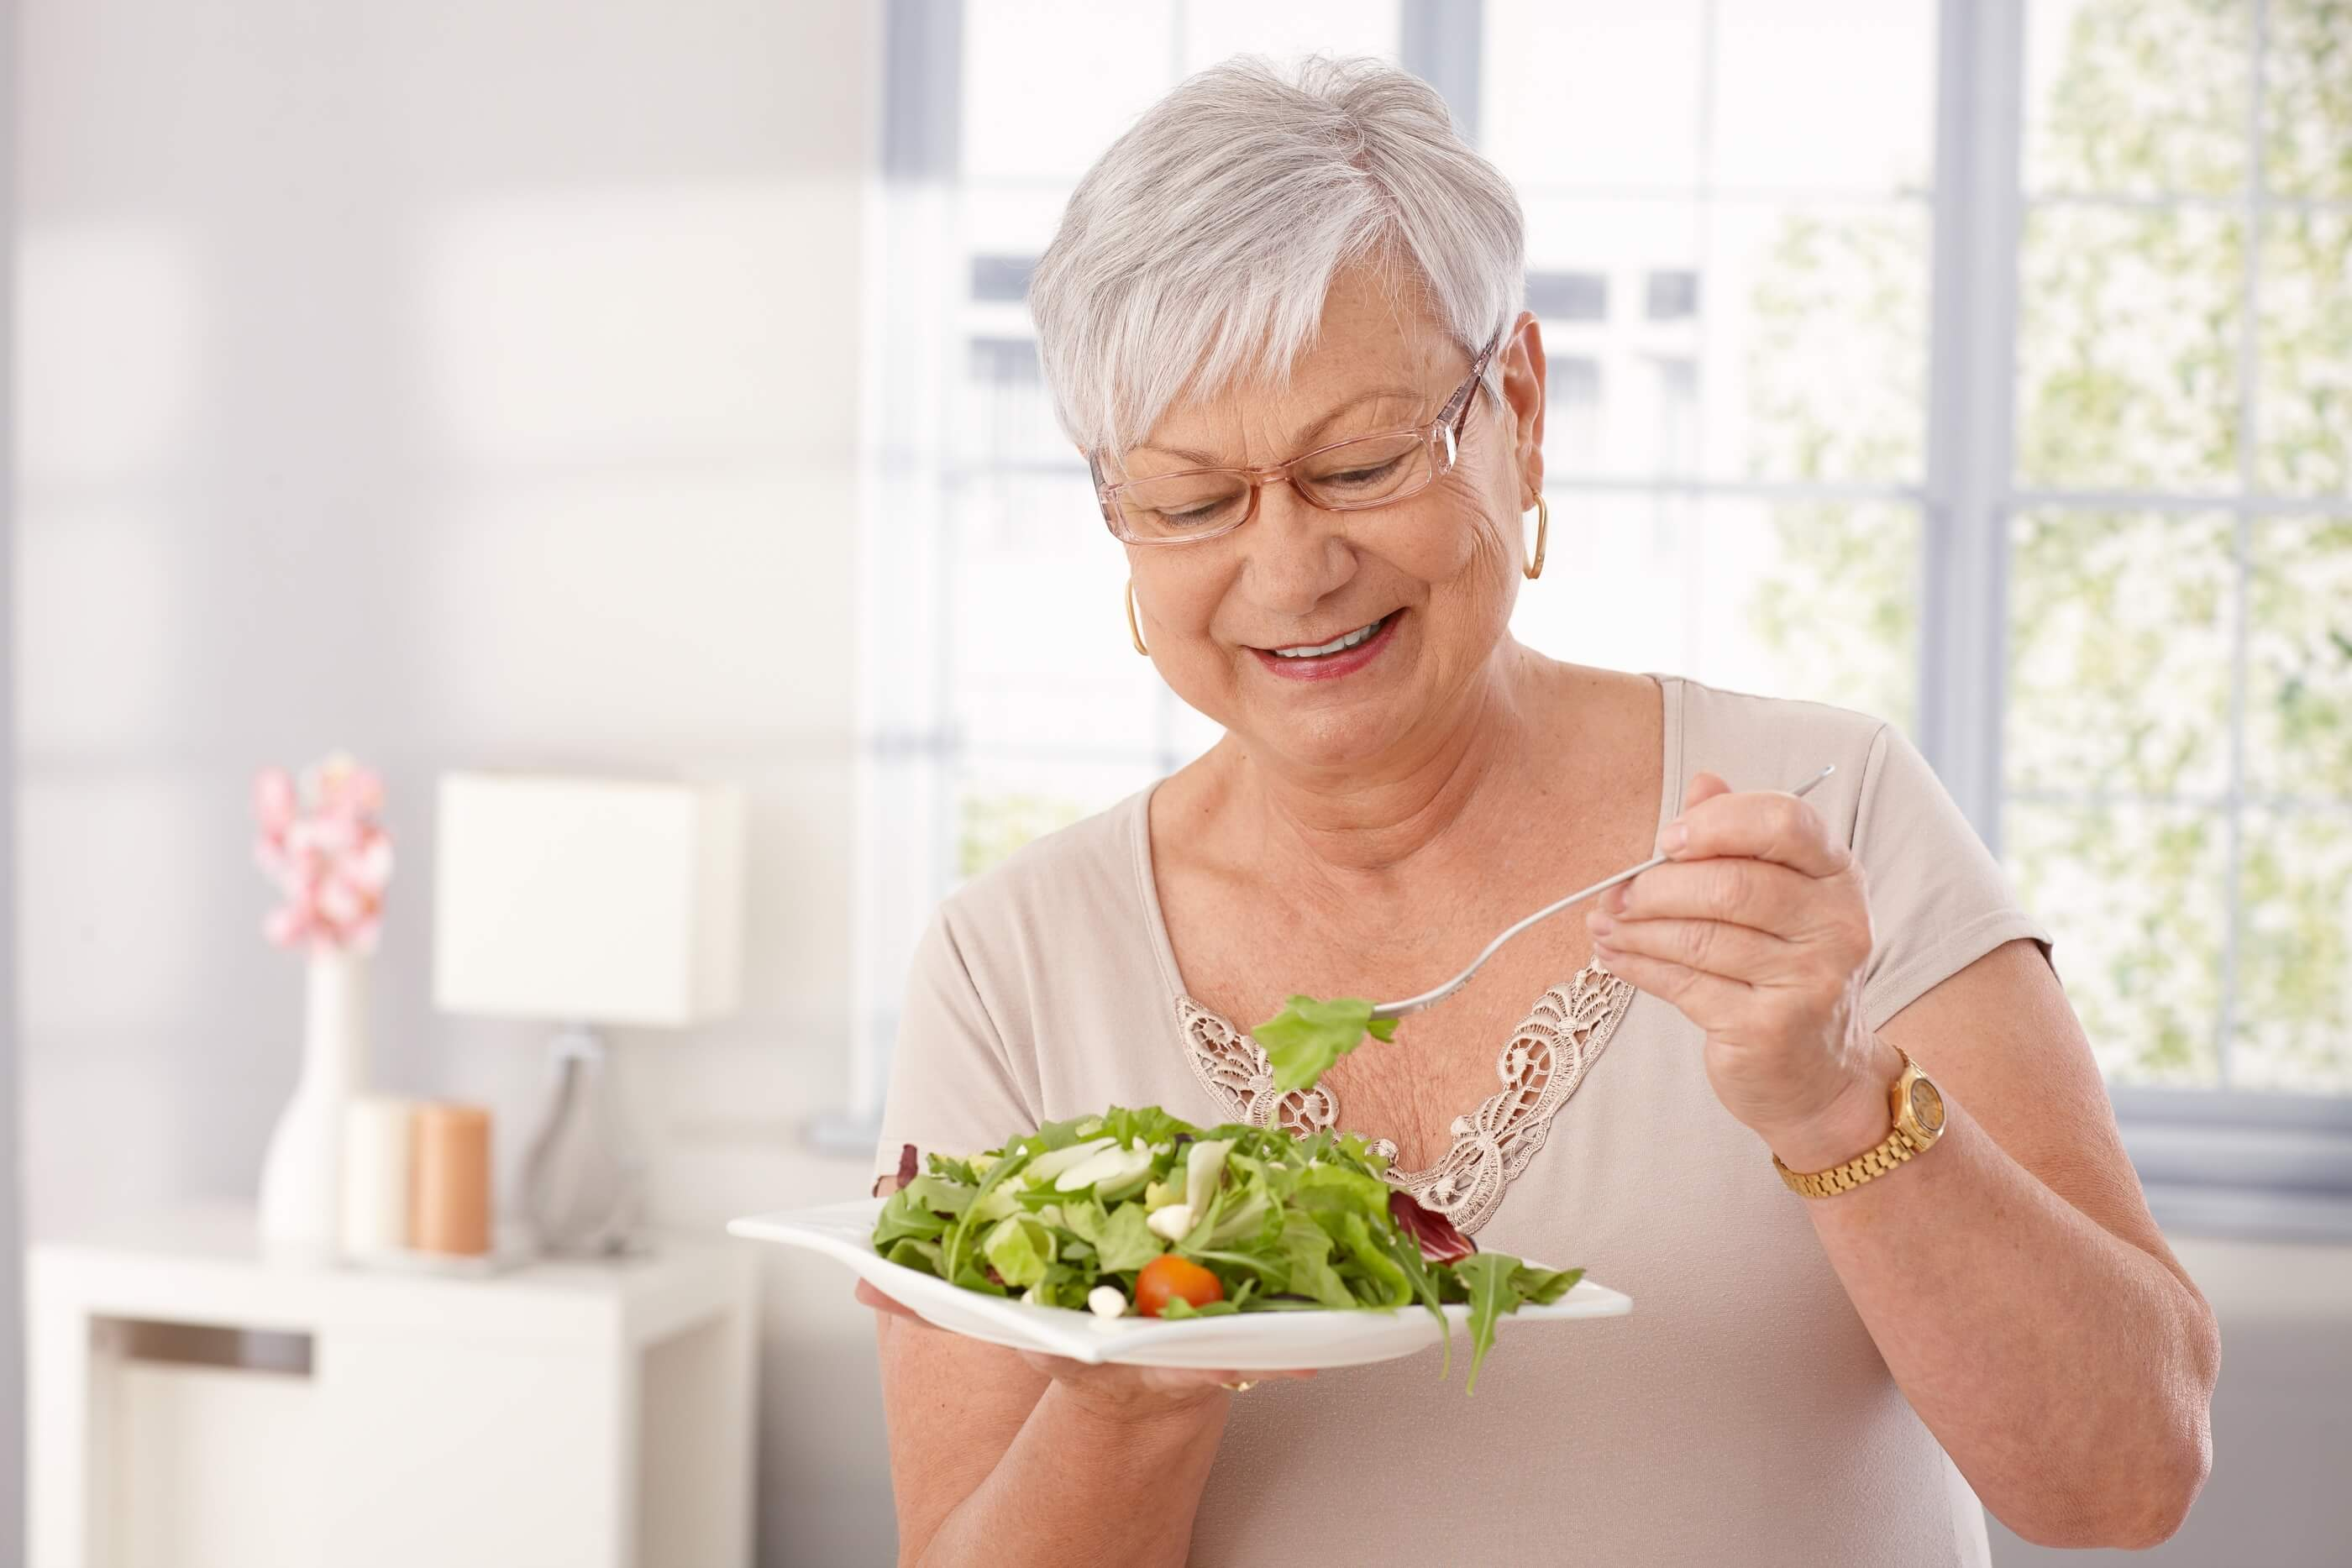 Похудеть После 65 Лет. Как правильно организовать похудение для пожилых женщин